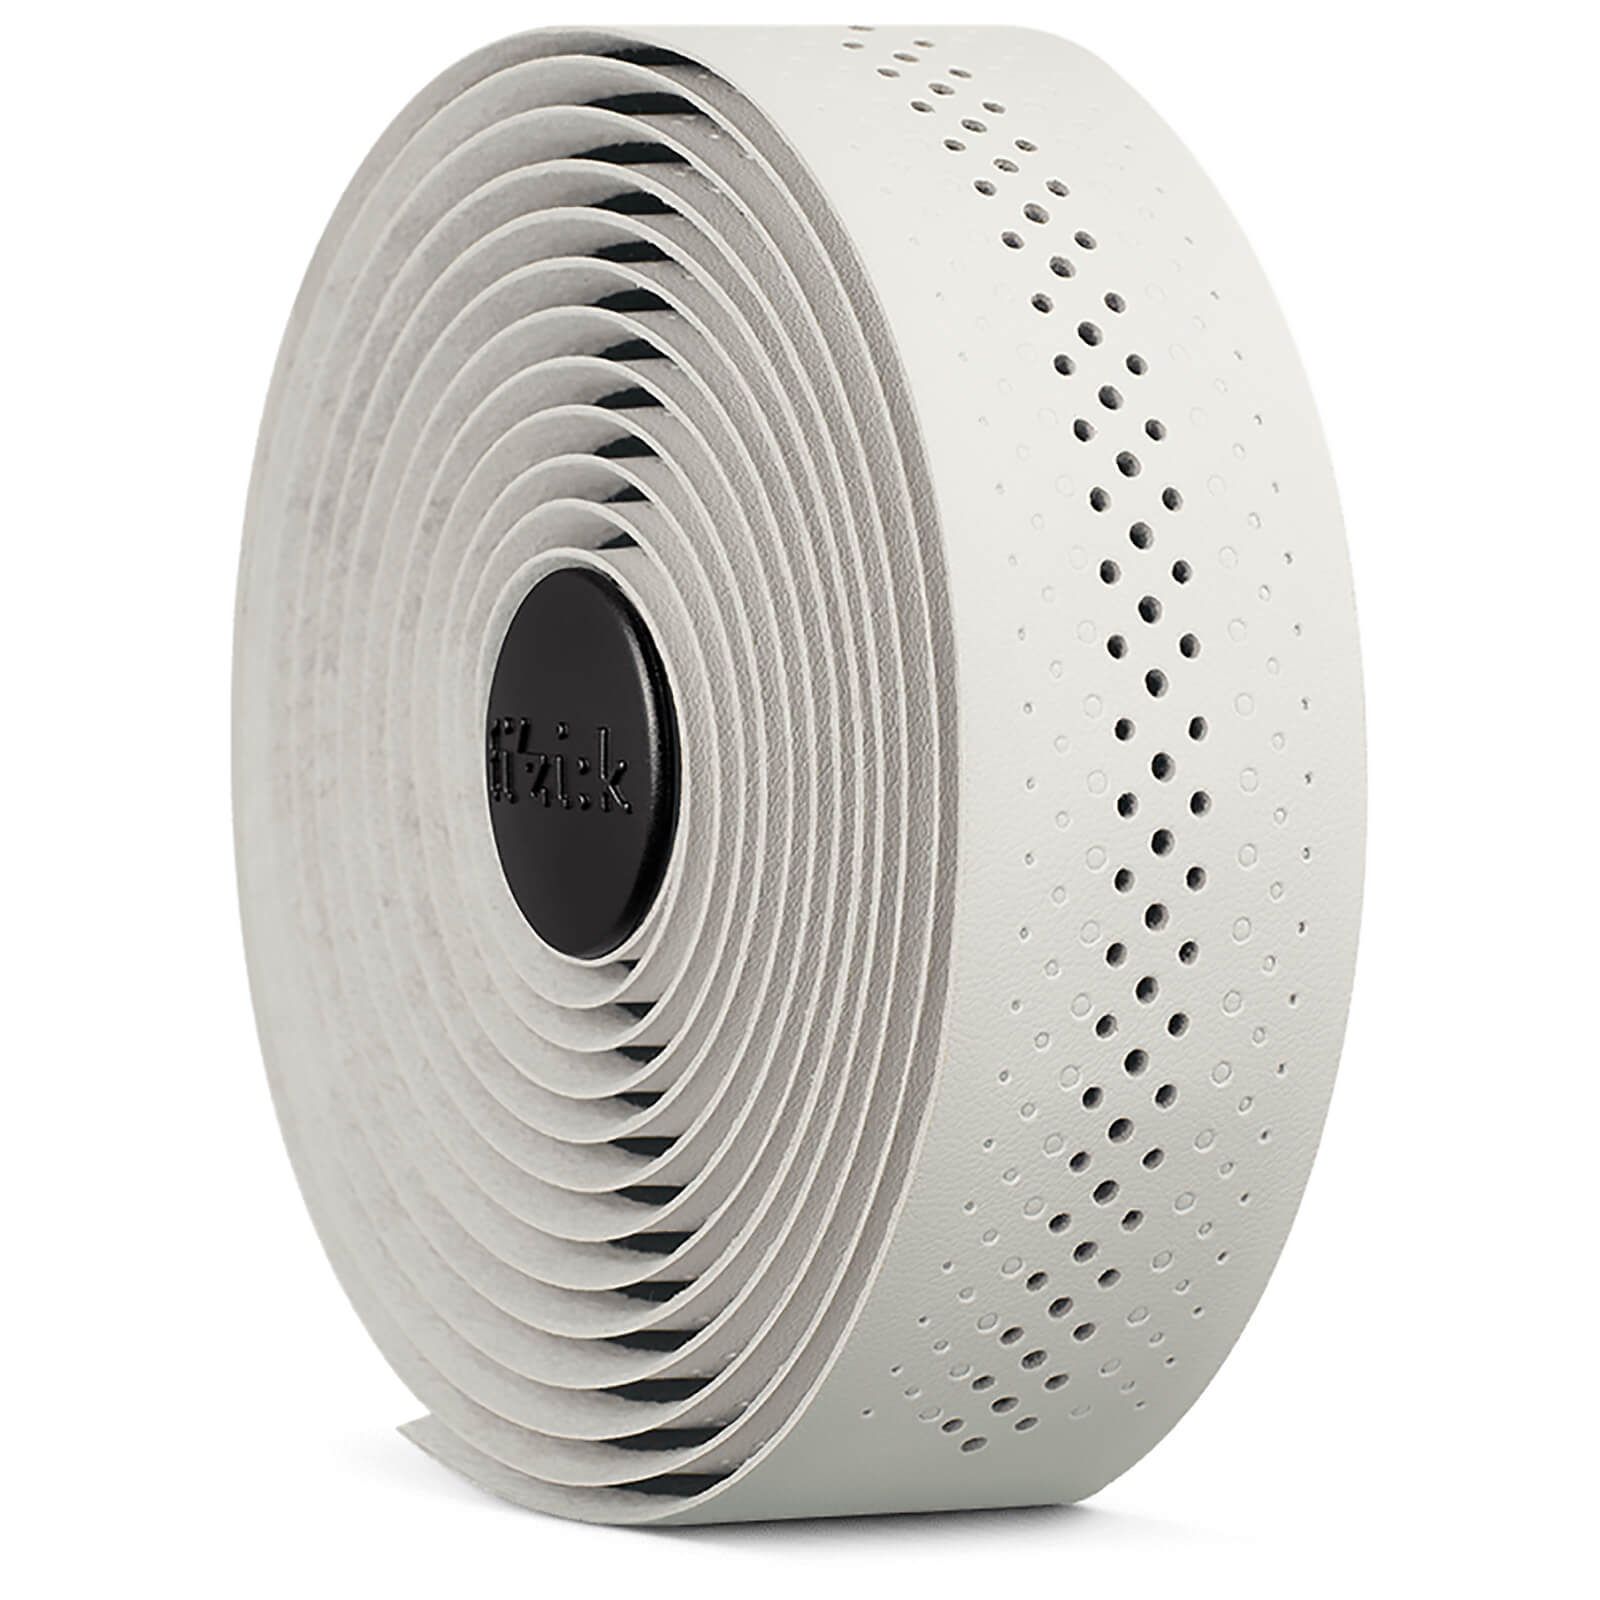 Fizik Tempo Microtex Bondcush Classic Handlebar Tape - White